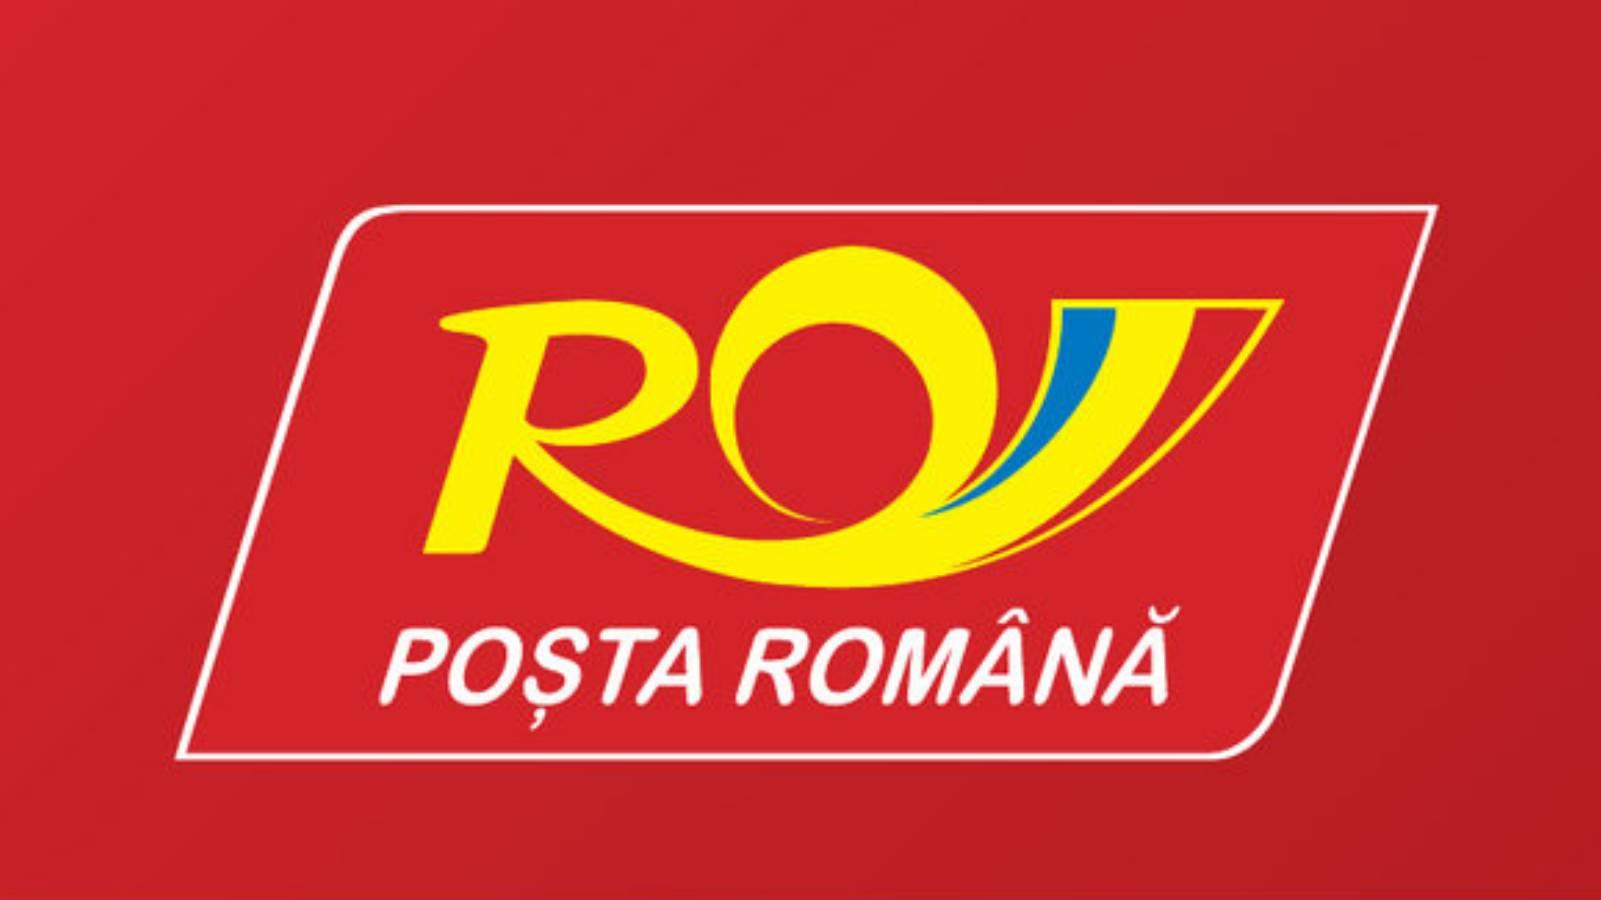 Surpriza Posta Romana timbre personalizate